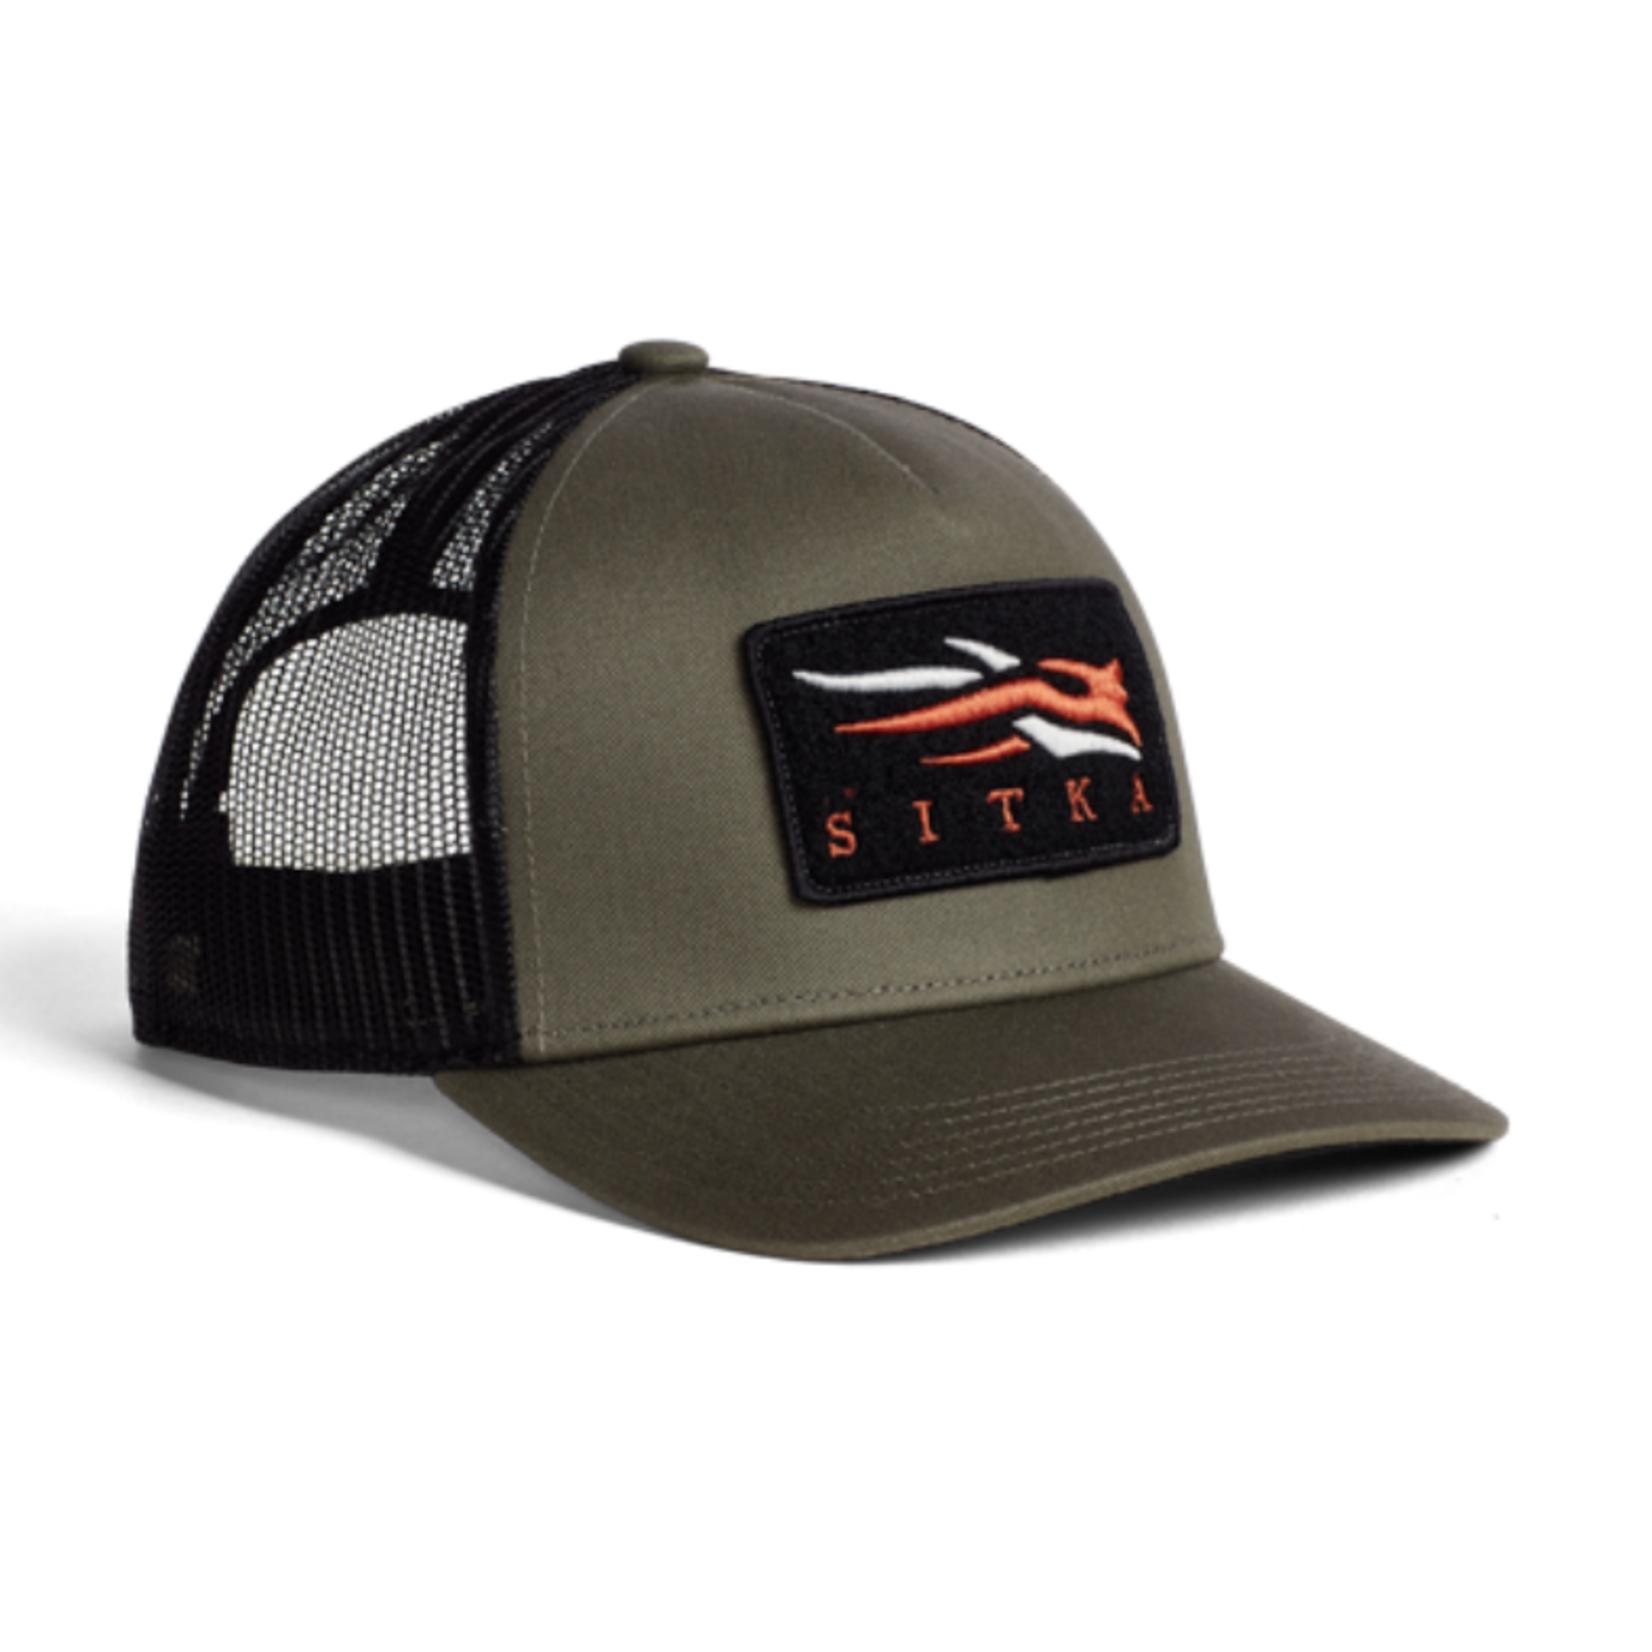 Sitka Gear VP Icon Mid Pro Trucker Covert